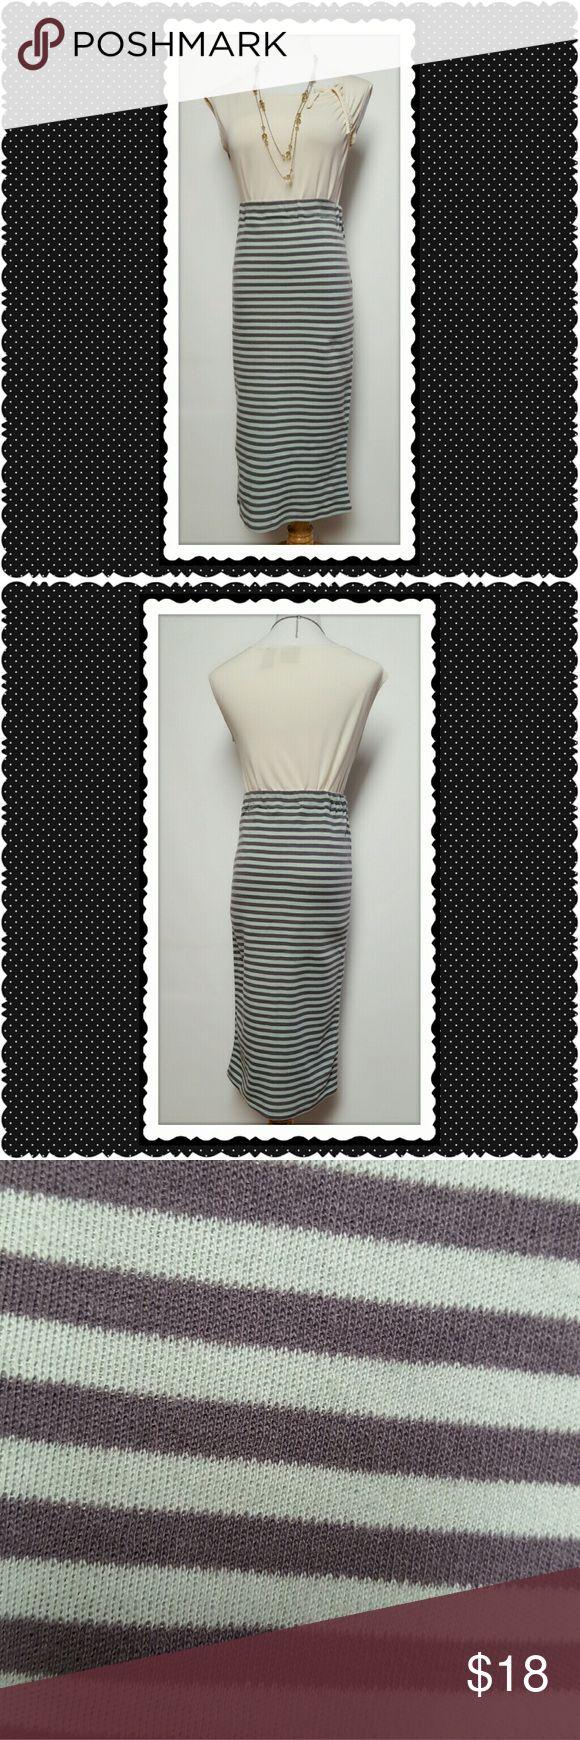 Innovators Mint Striped Pencil Skirt Innovators mint and gray striped pencil skirt. Elastic waist. Perfect, no flaws. Innovators Skirts Pencil